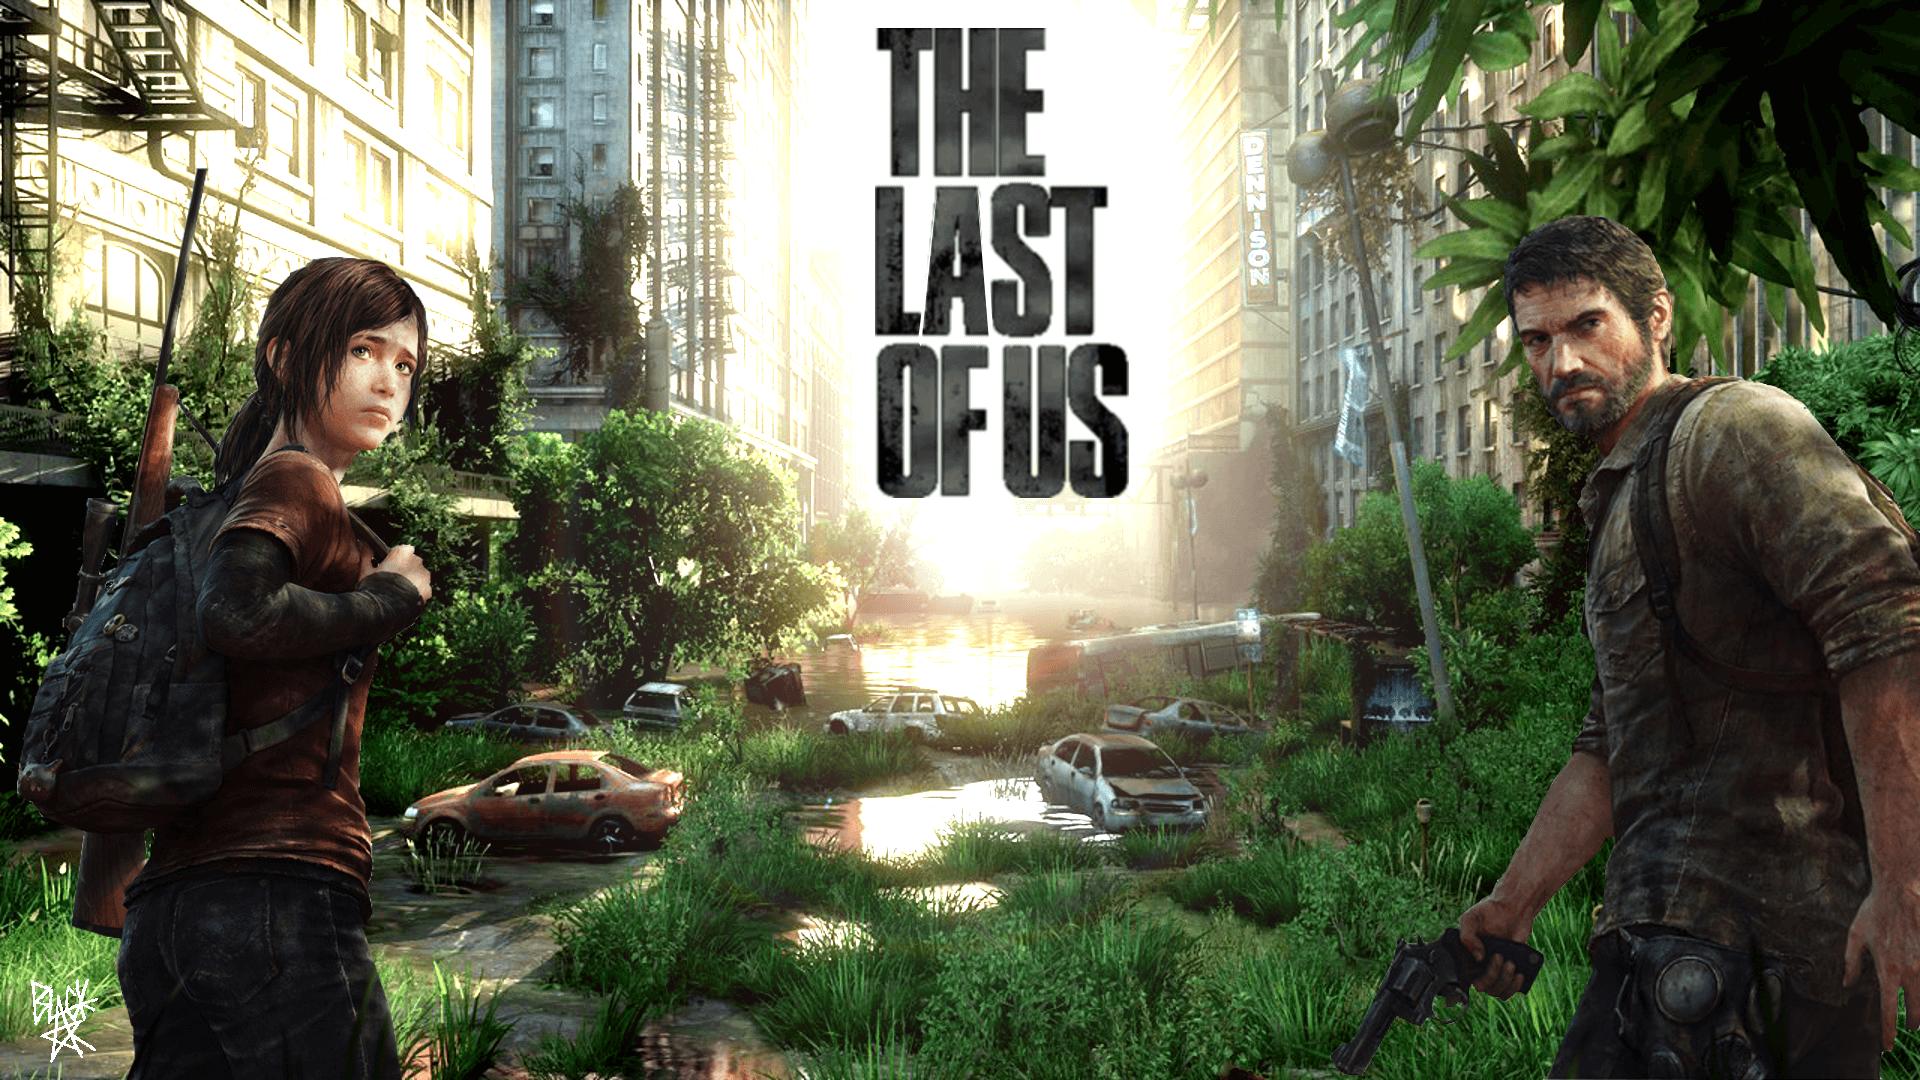 The Last Of Us vai receber um remake para o PlayStation 5 e diversos problemas internos mostram como a Sony menosprezou uma pequena equipe.